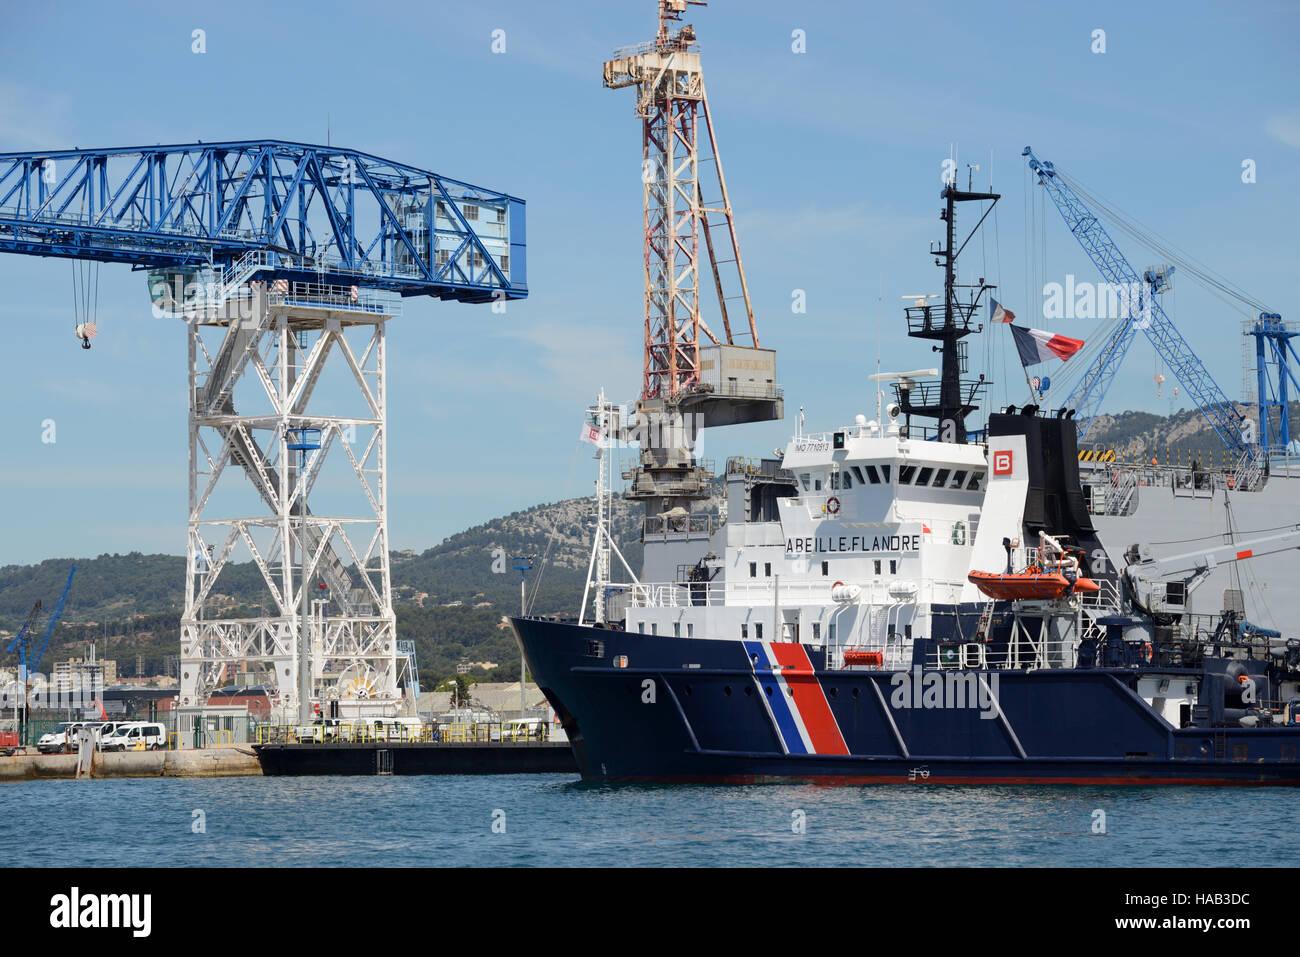 Abeille Flandre Schlepper & Fregatte der französischen Navy oder Marine-Flotte stationiert im Hafen von Stockbild